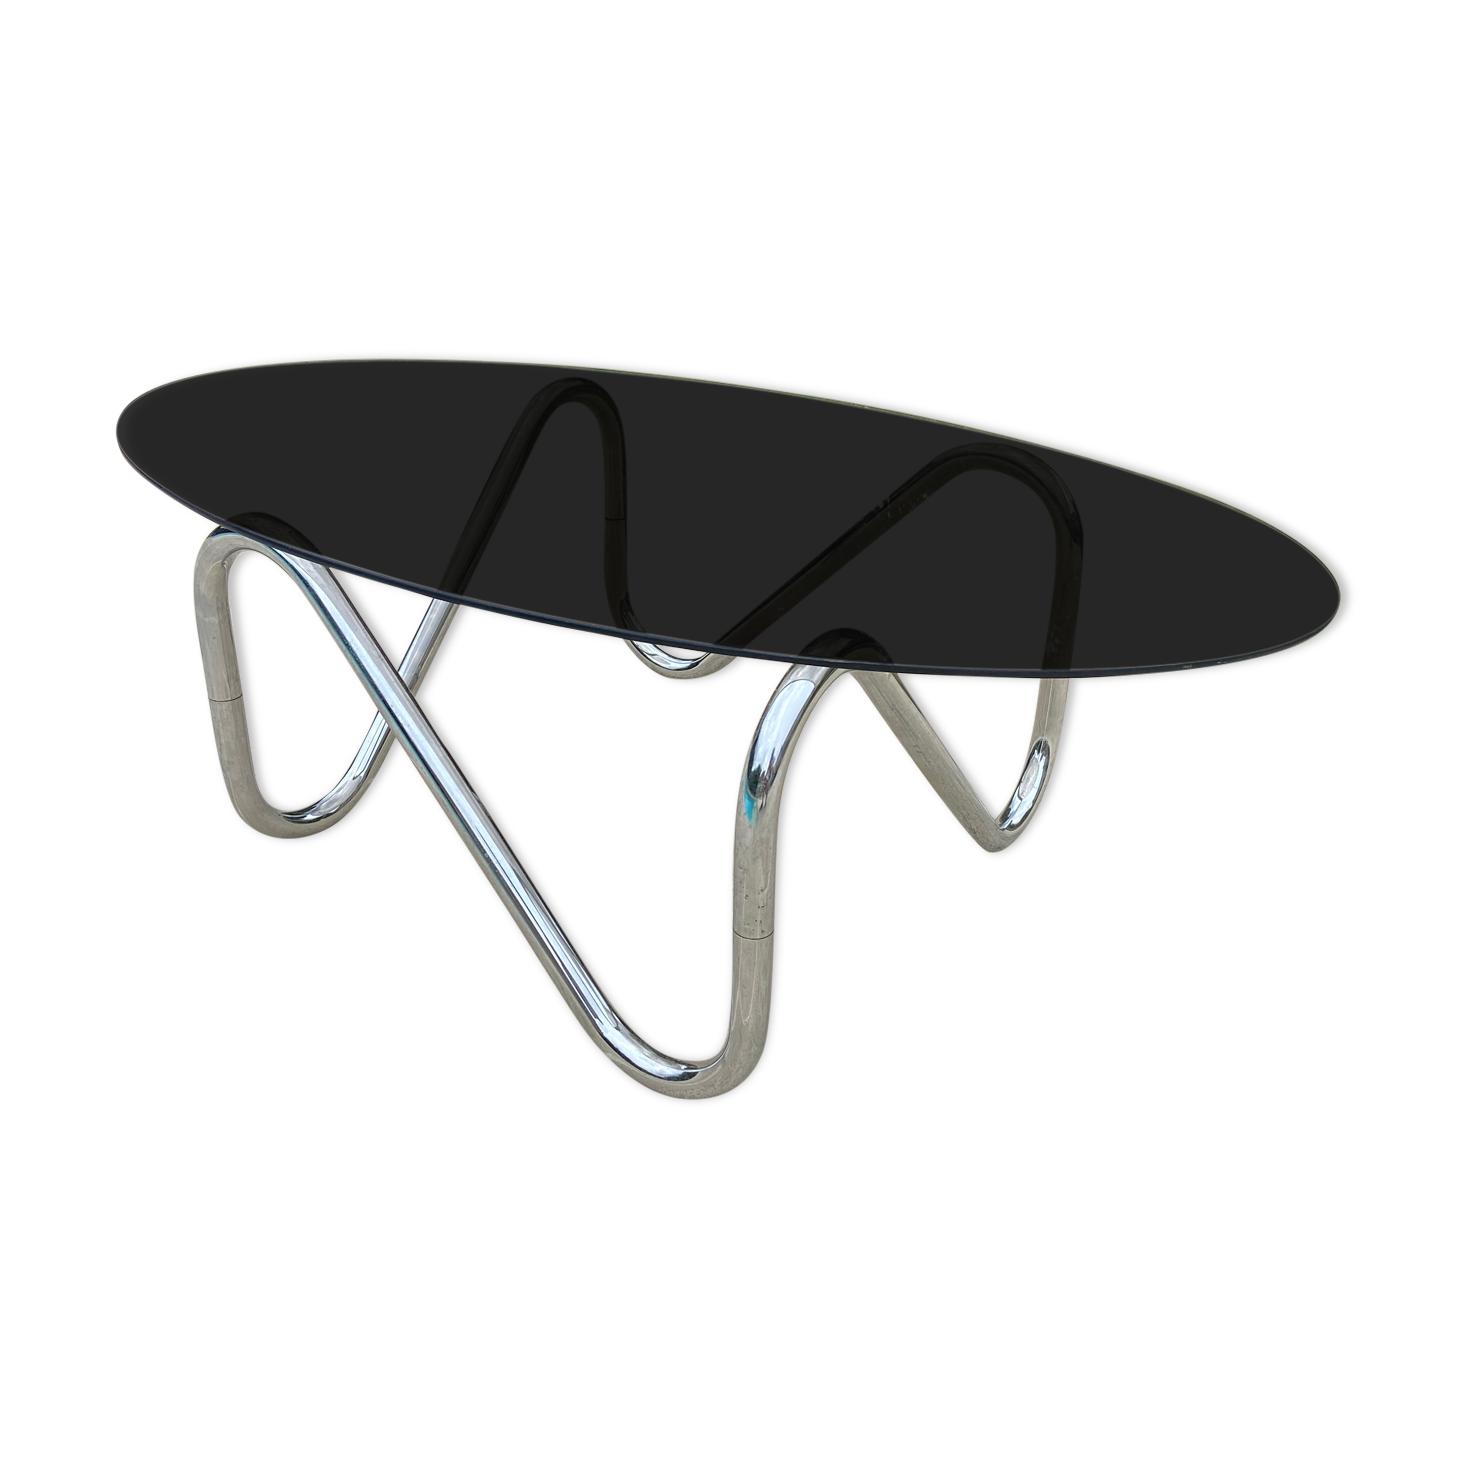 Table basse Roche Bobois chromée et verre fumé 1970